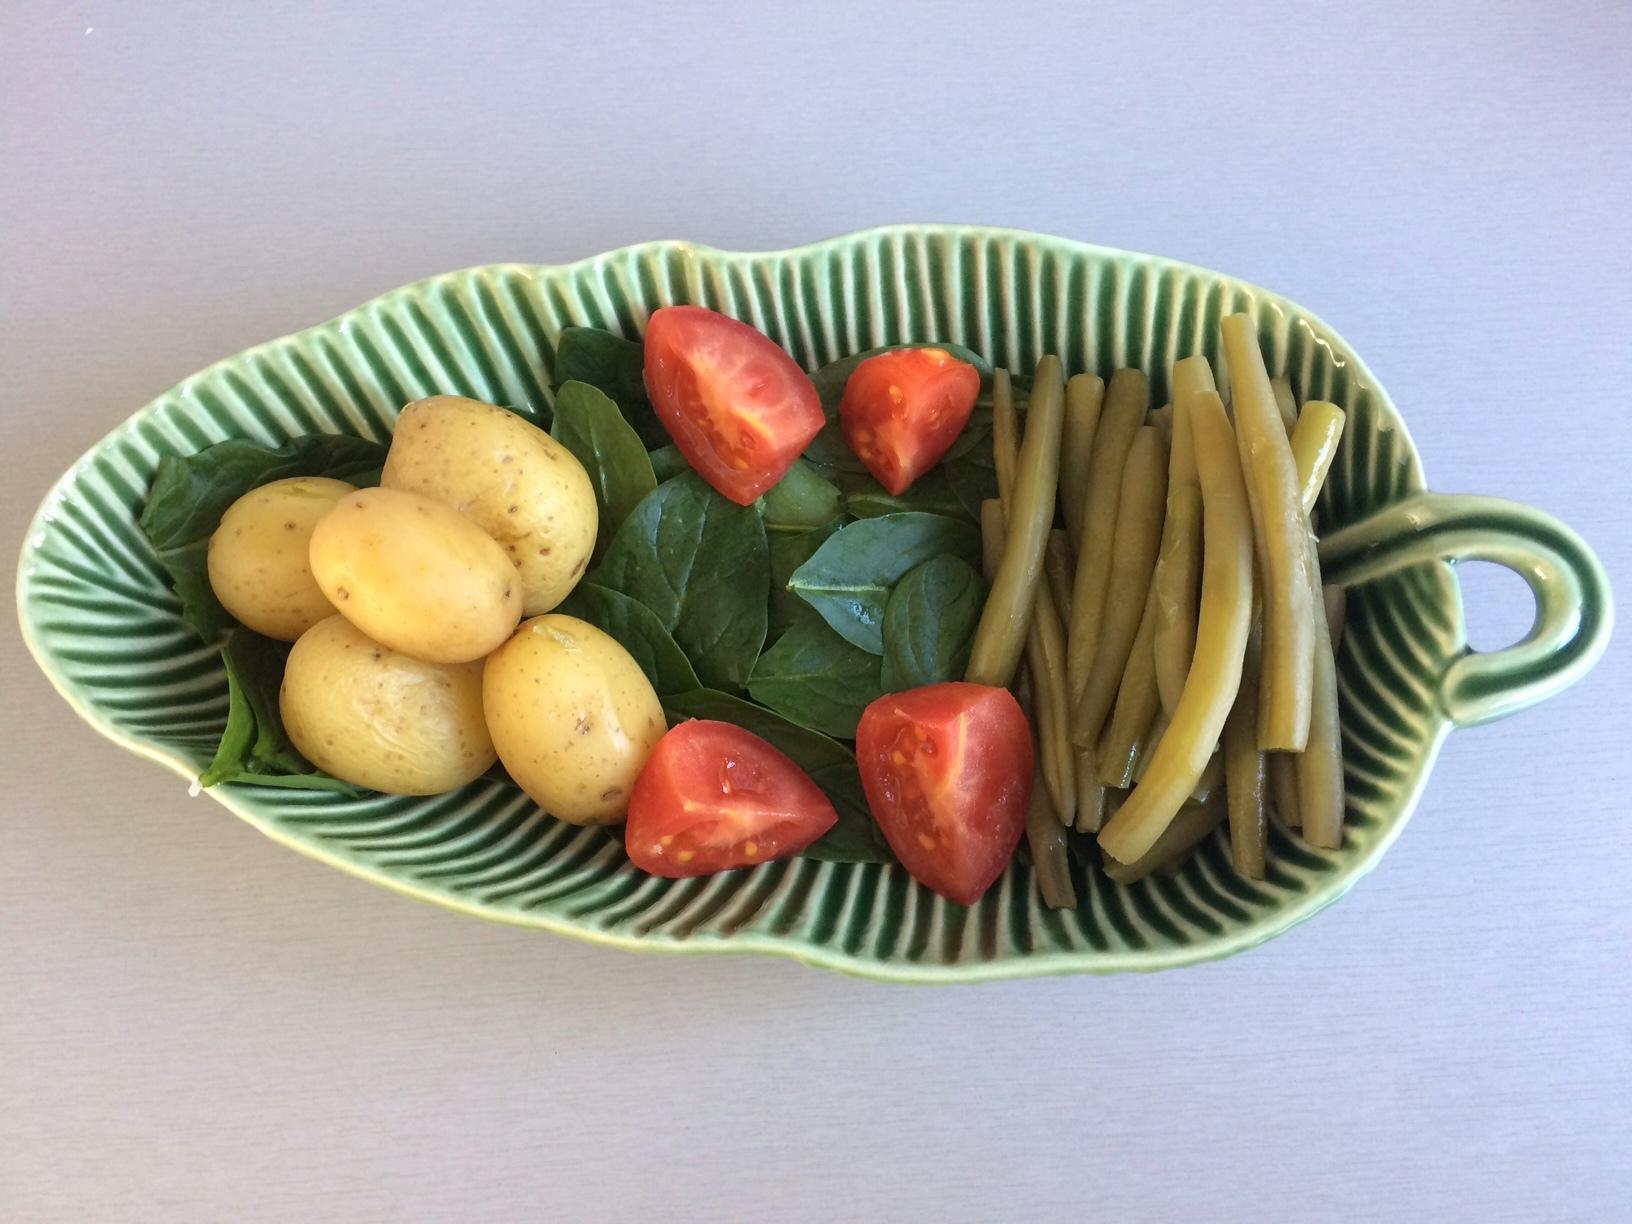 Ponemos encima las judías verdes, las patatas y los cuartos de tomate, dejando un hueco en el centro para el huevo